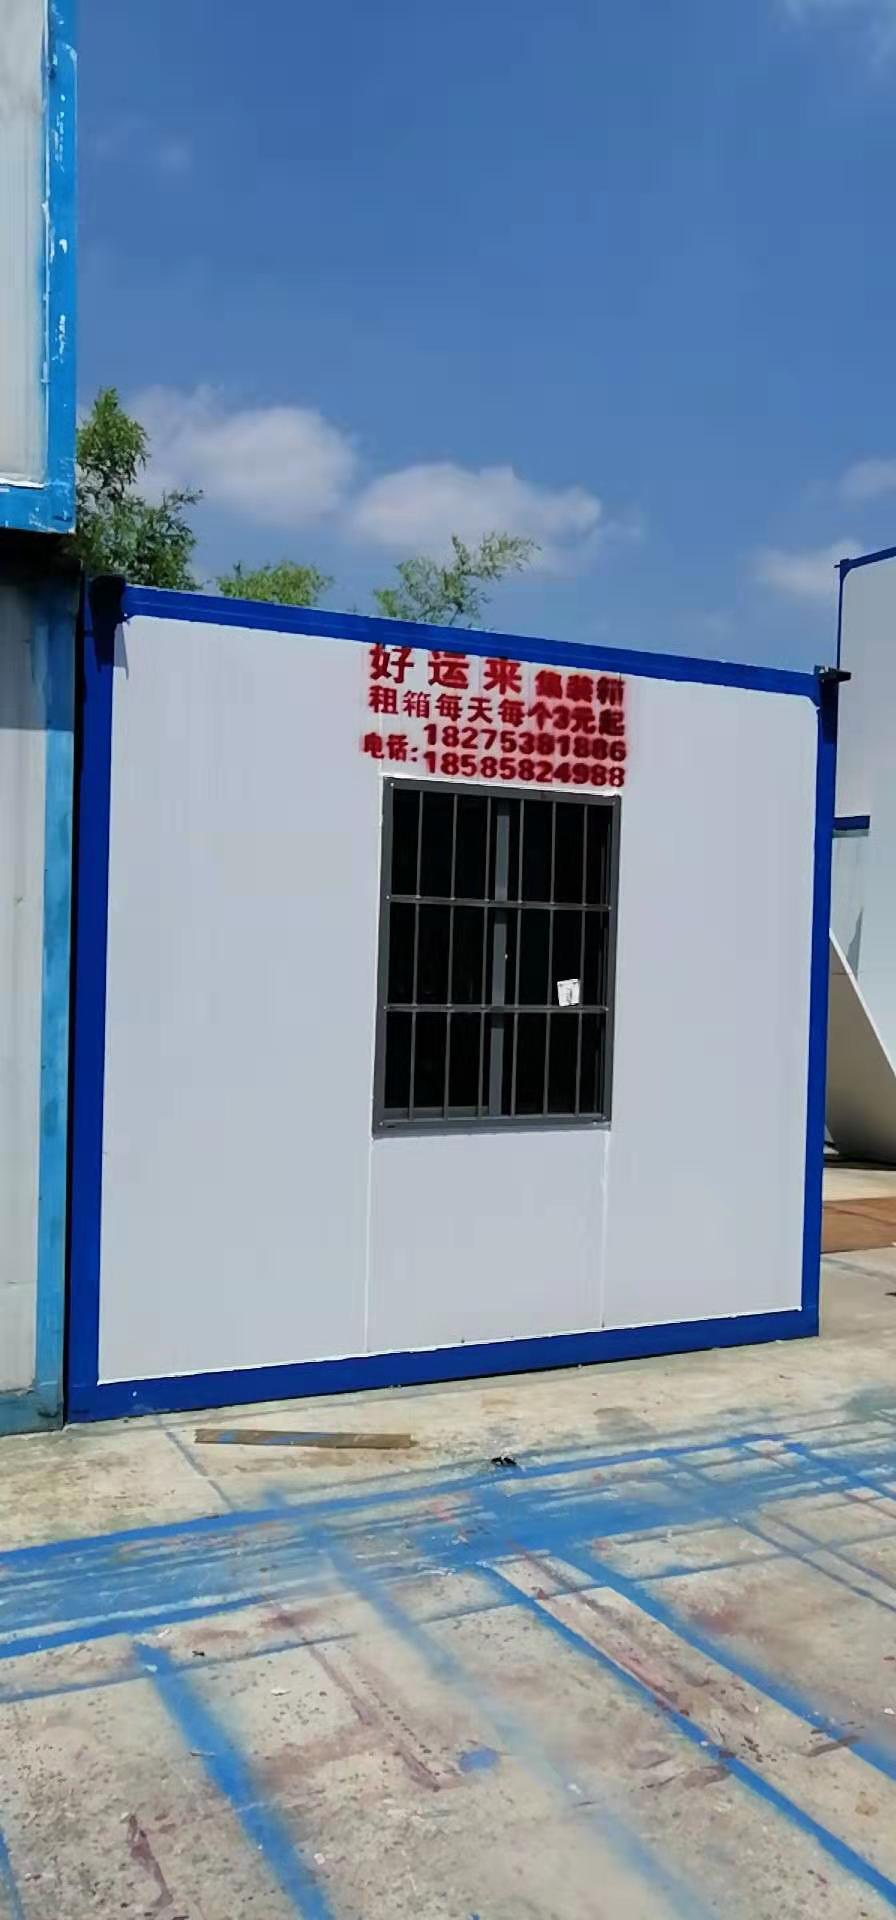 贵州哪里有集装箱出租